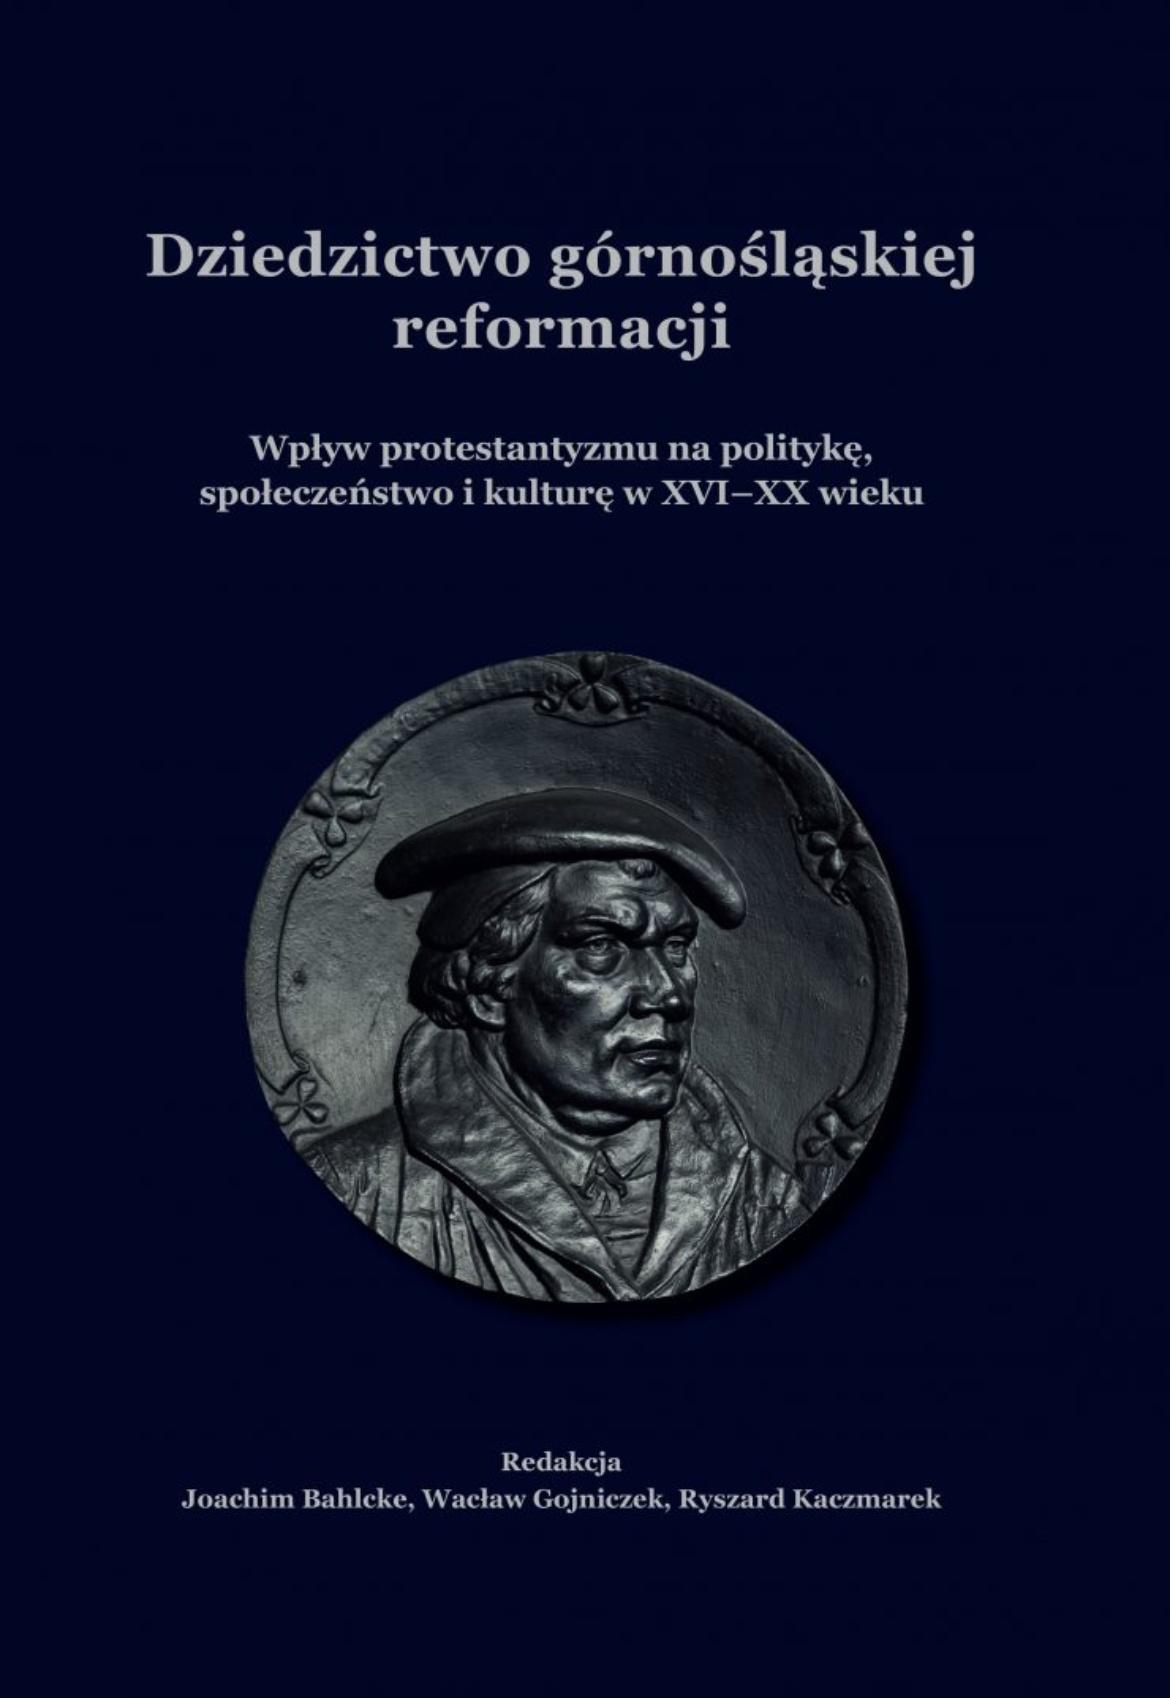 Das Erbe der oberschlesischen Reformation. Der Einfluss des Protestantismus auf Politik, Gesellschaft und Kultur im 16.-20. Jahrhundert